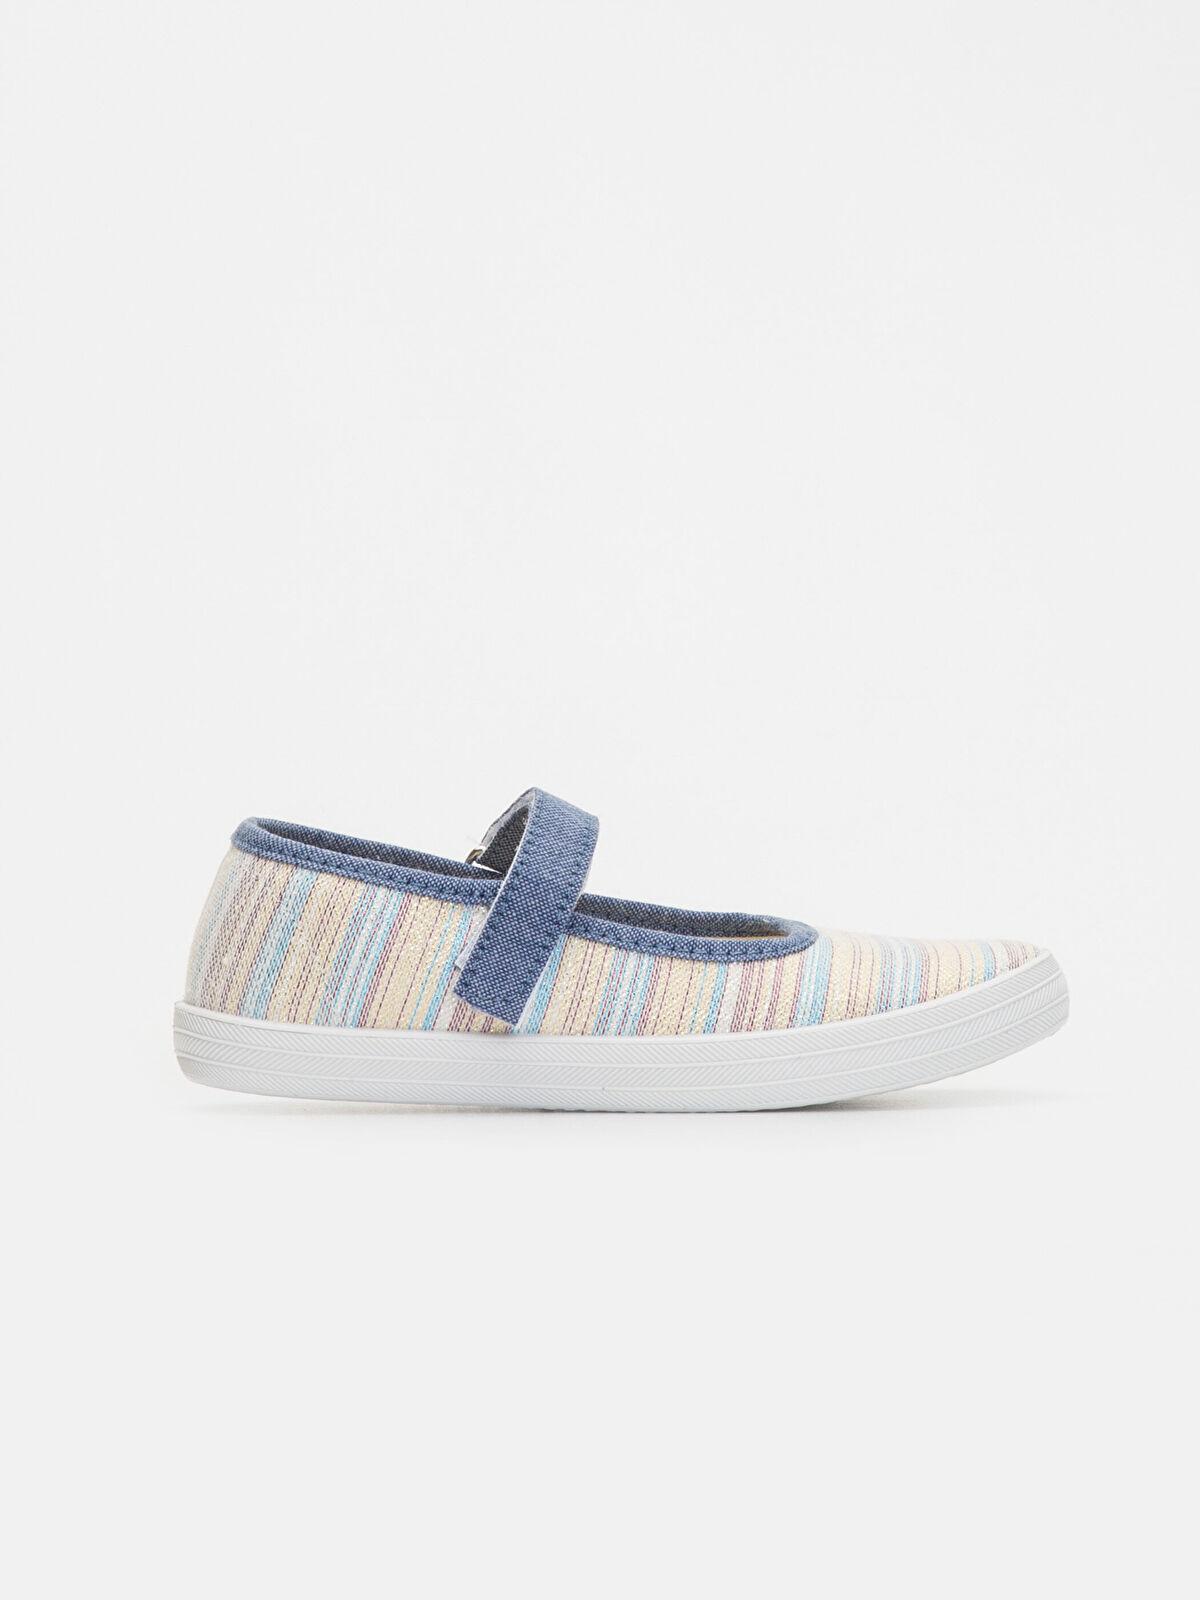 Kız Çocuk Renkli Babet Ayakkabı - LC WAIKIKI